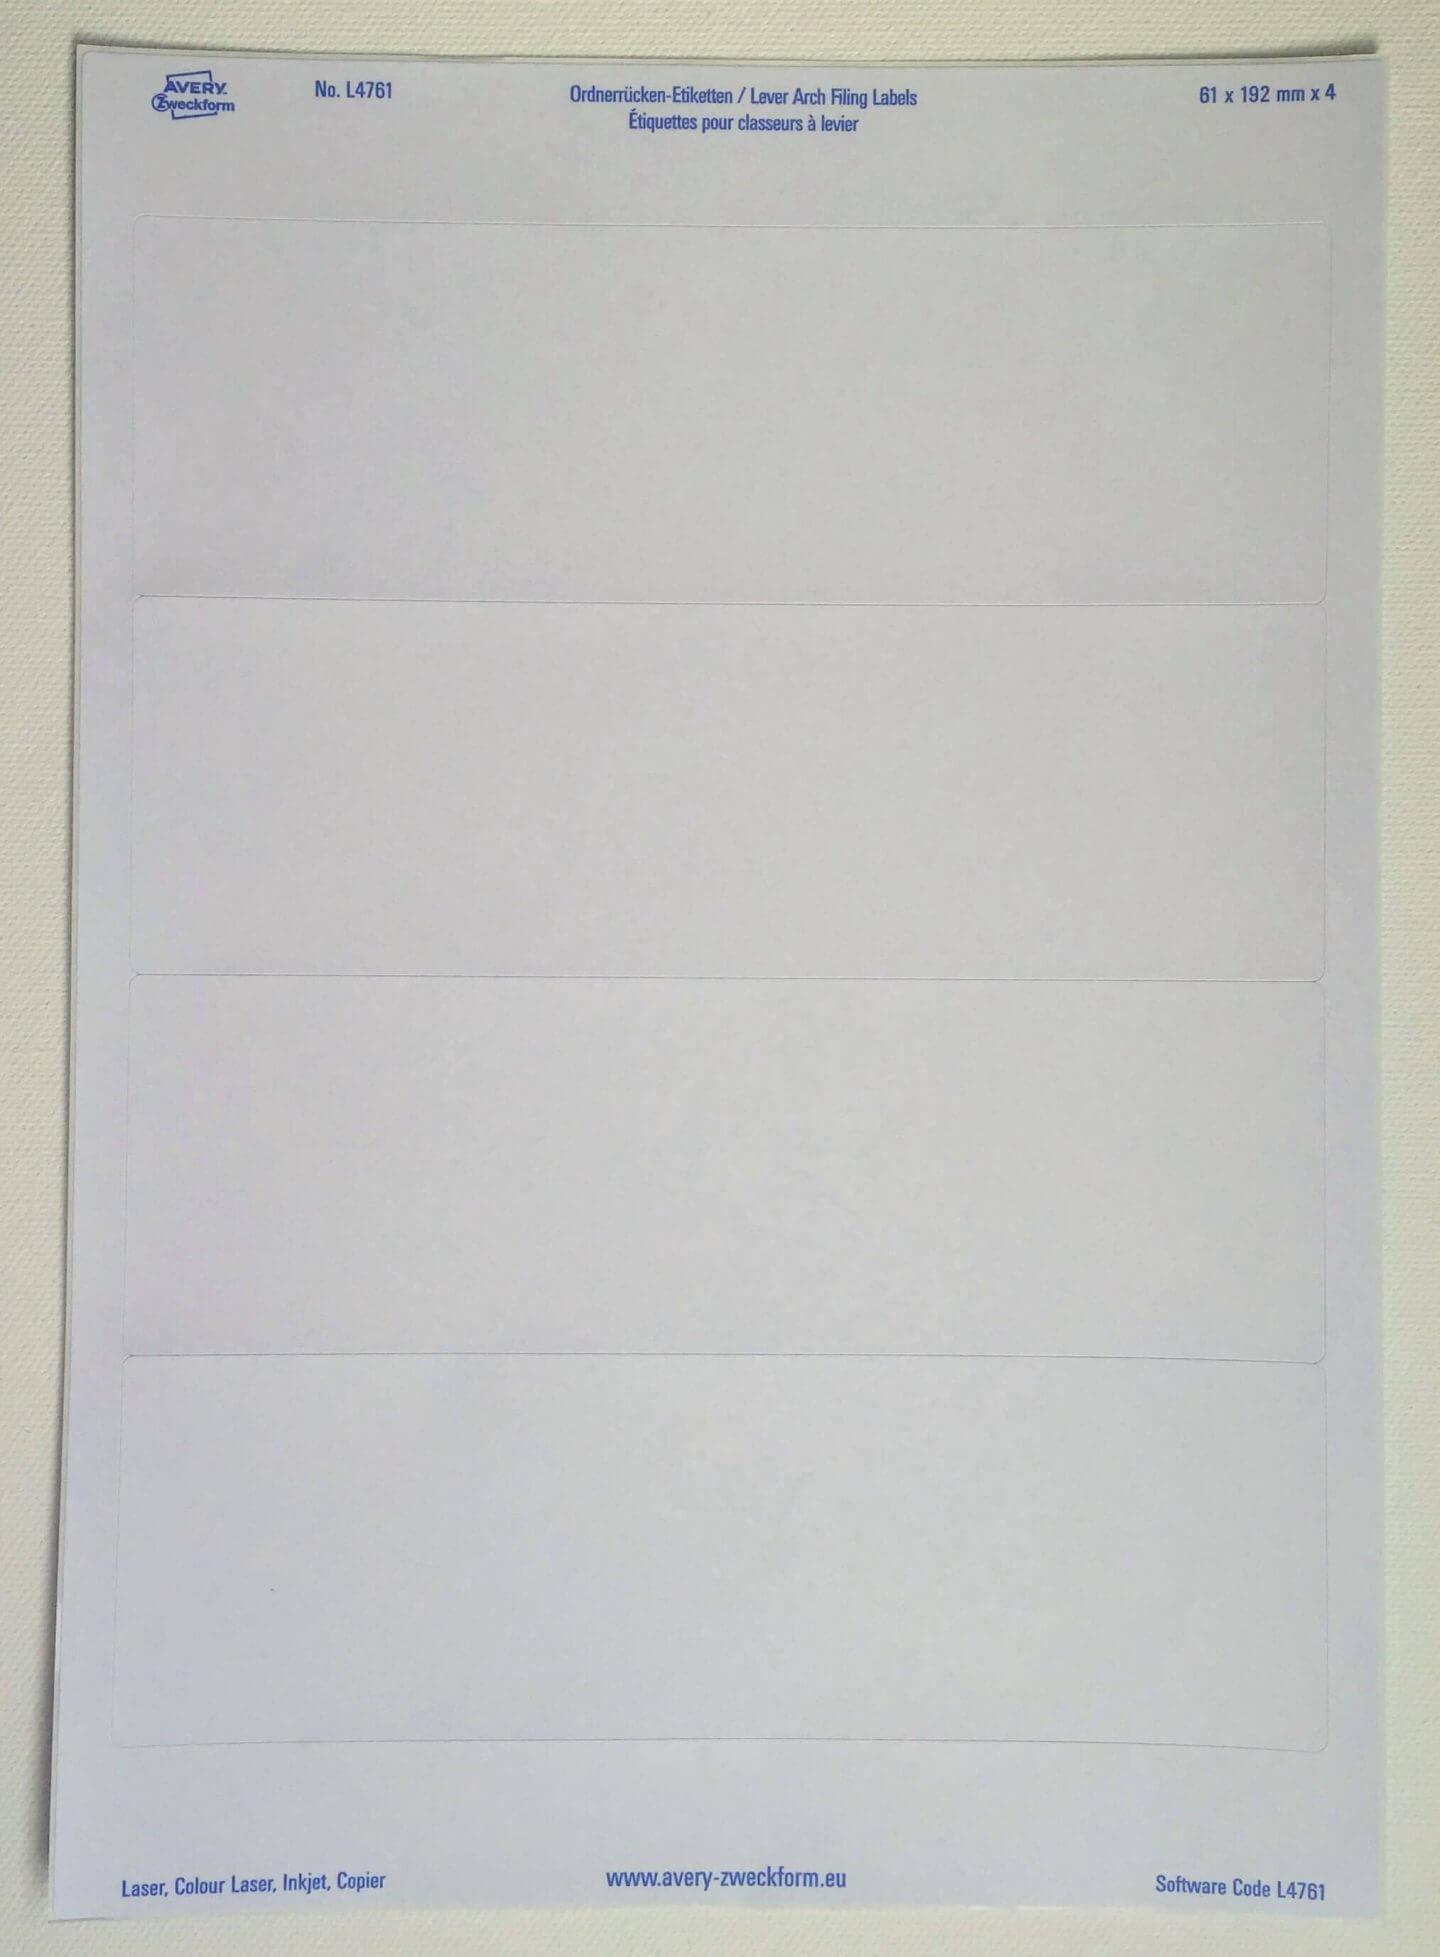 Avery Zweckform Etiketten dauerhaft klebend für breite Ordner, ein Bogen mit 4 Etiketten